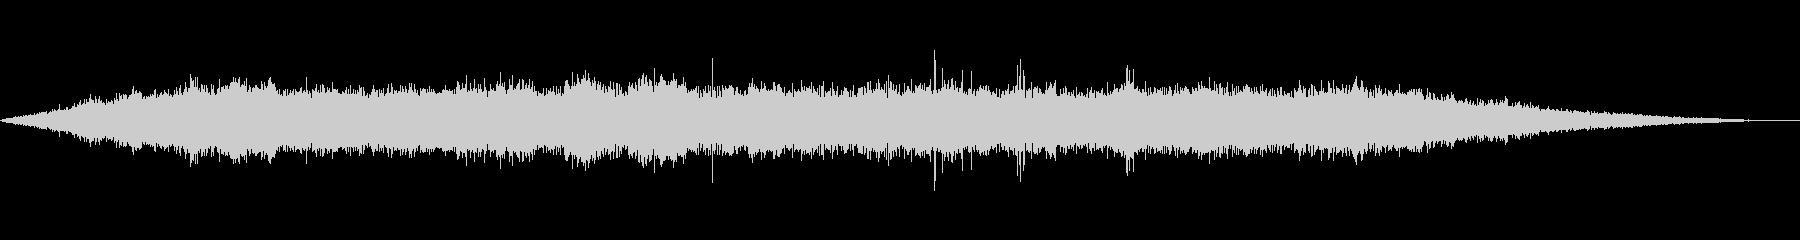 海 波 浜辺 海岸 カモメの環境音 18の未再生の波形